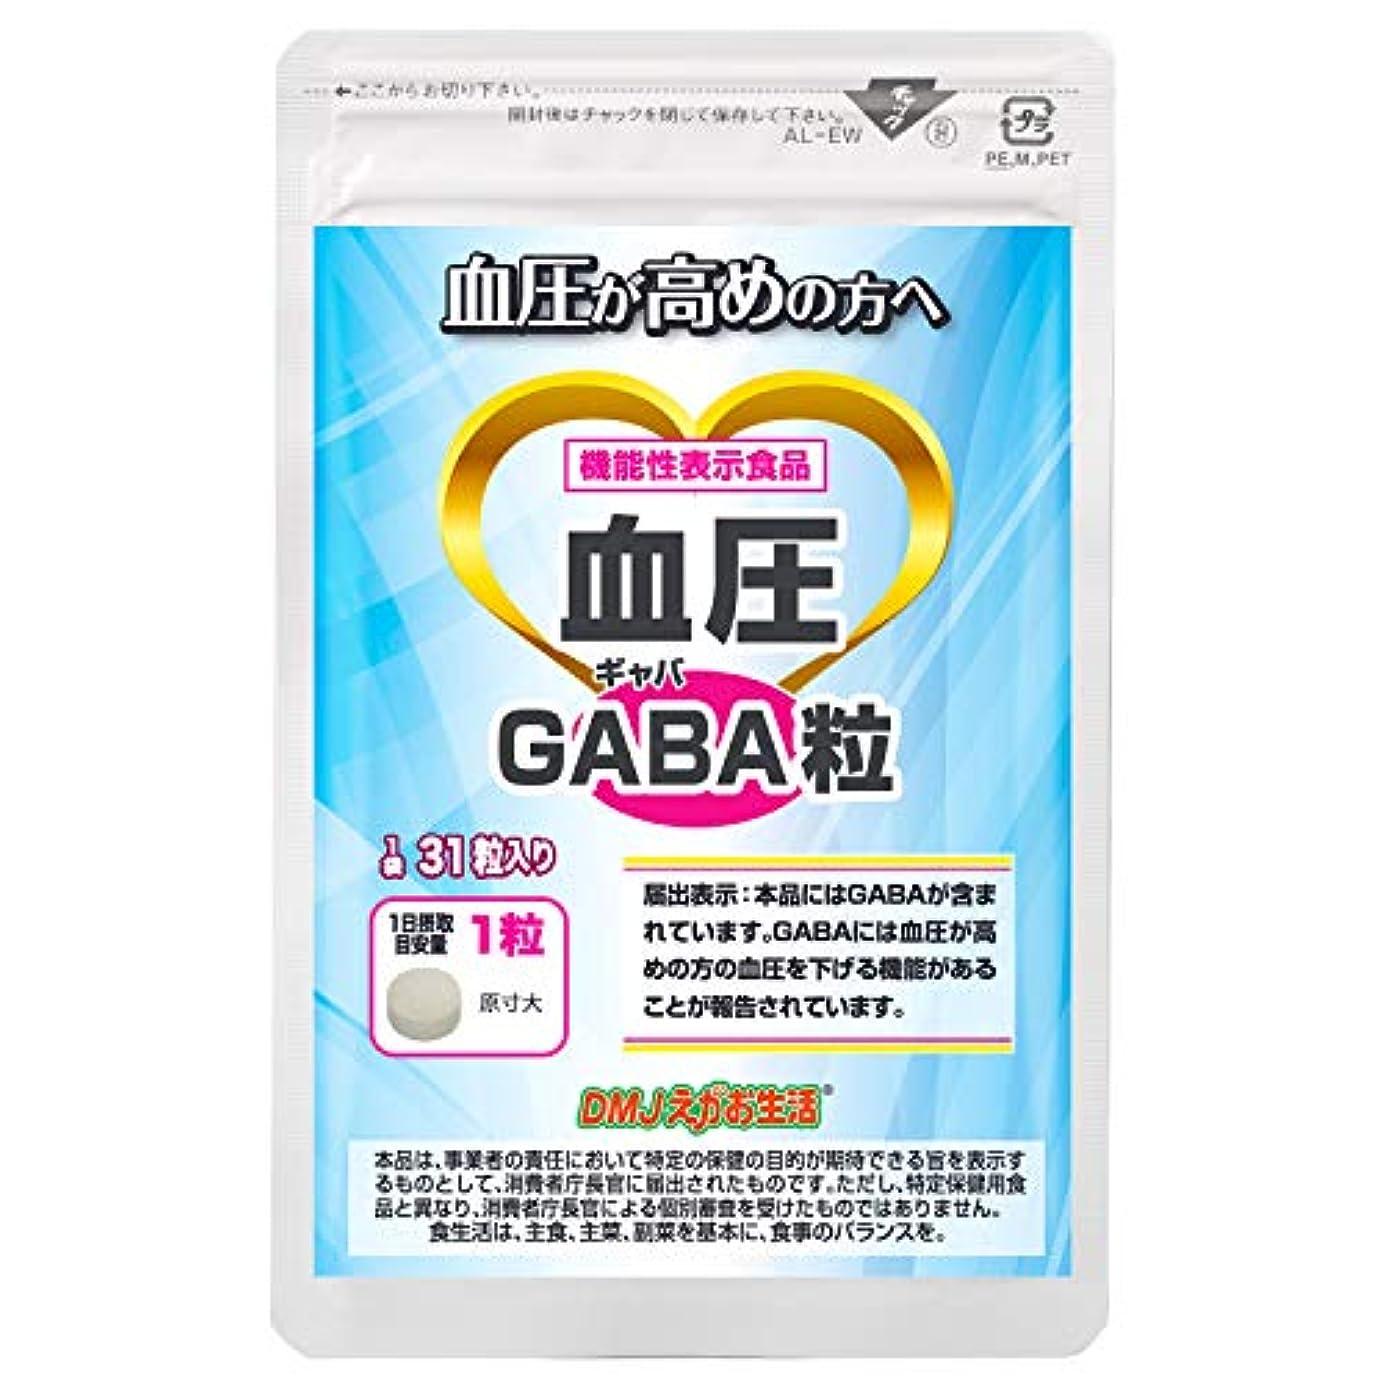 実行可能甘美な割れ目血圧GABA粒 [血圧サプリメント/DMJえがお生活] ギャバ配合 (機能性表示食品 タブレット) 日本製 31日分